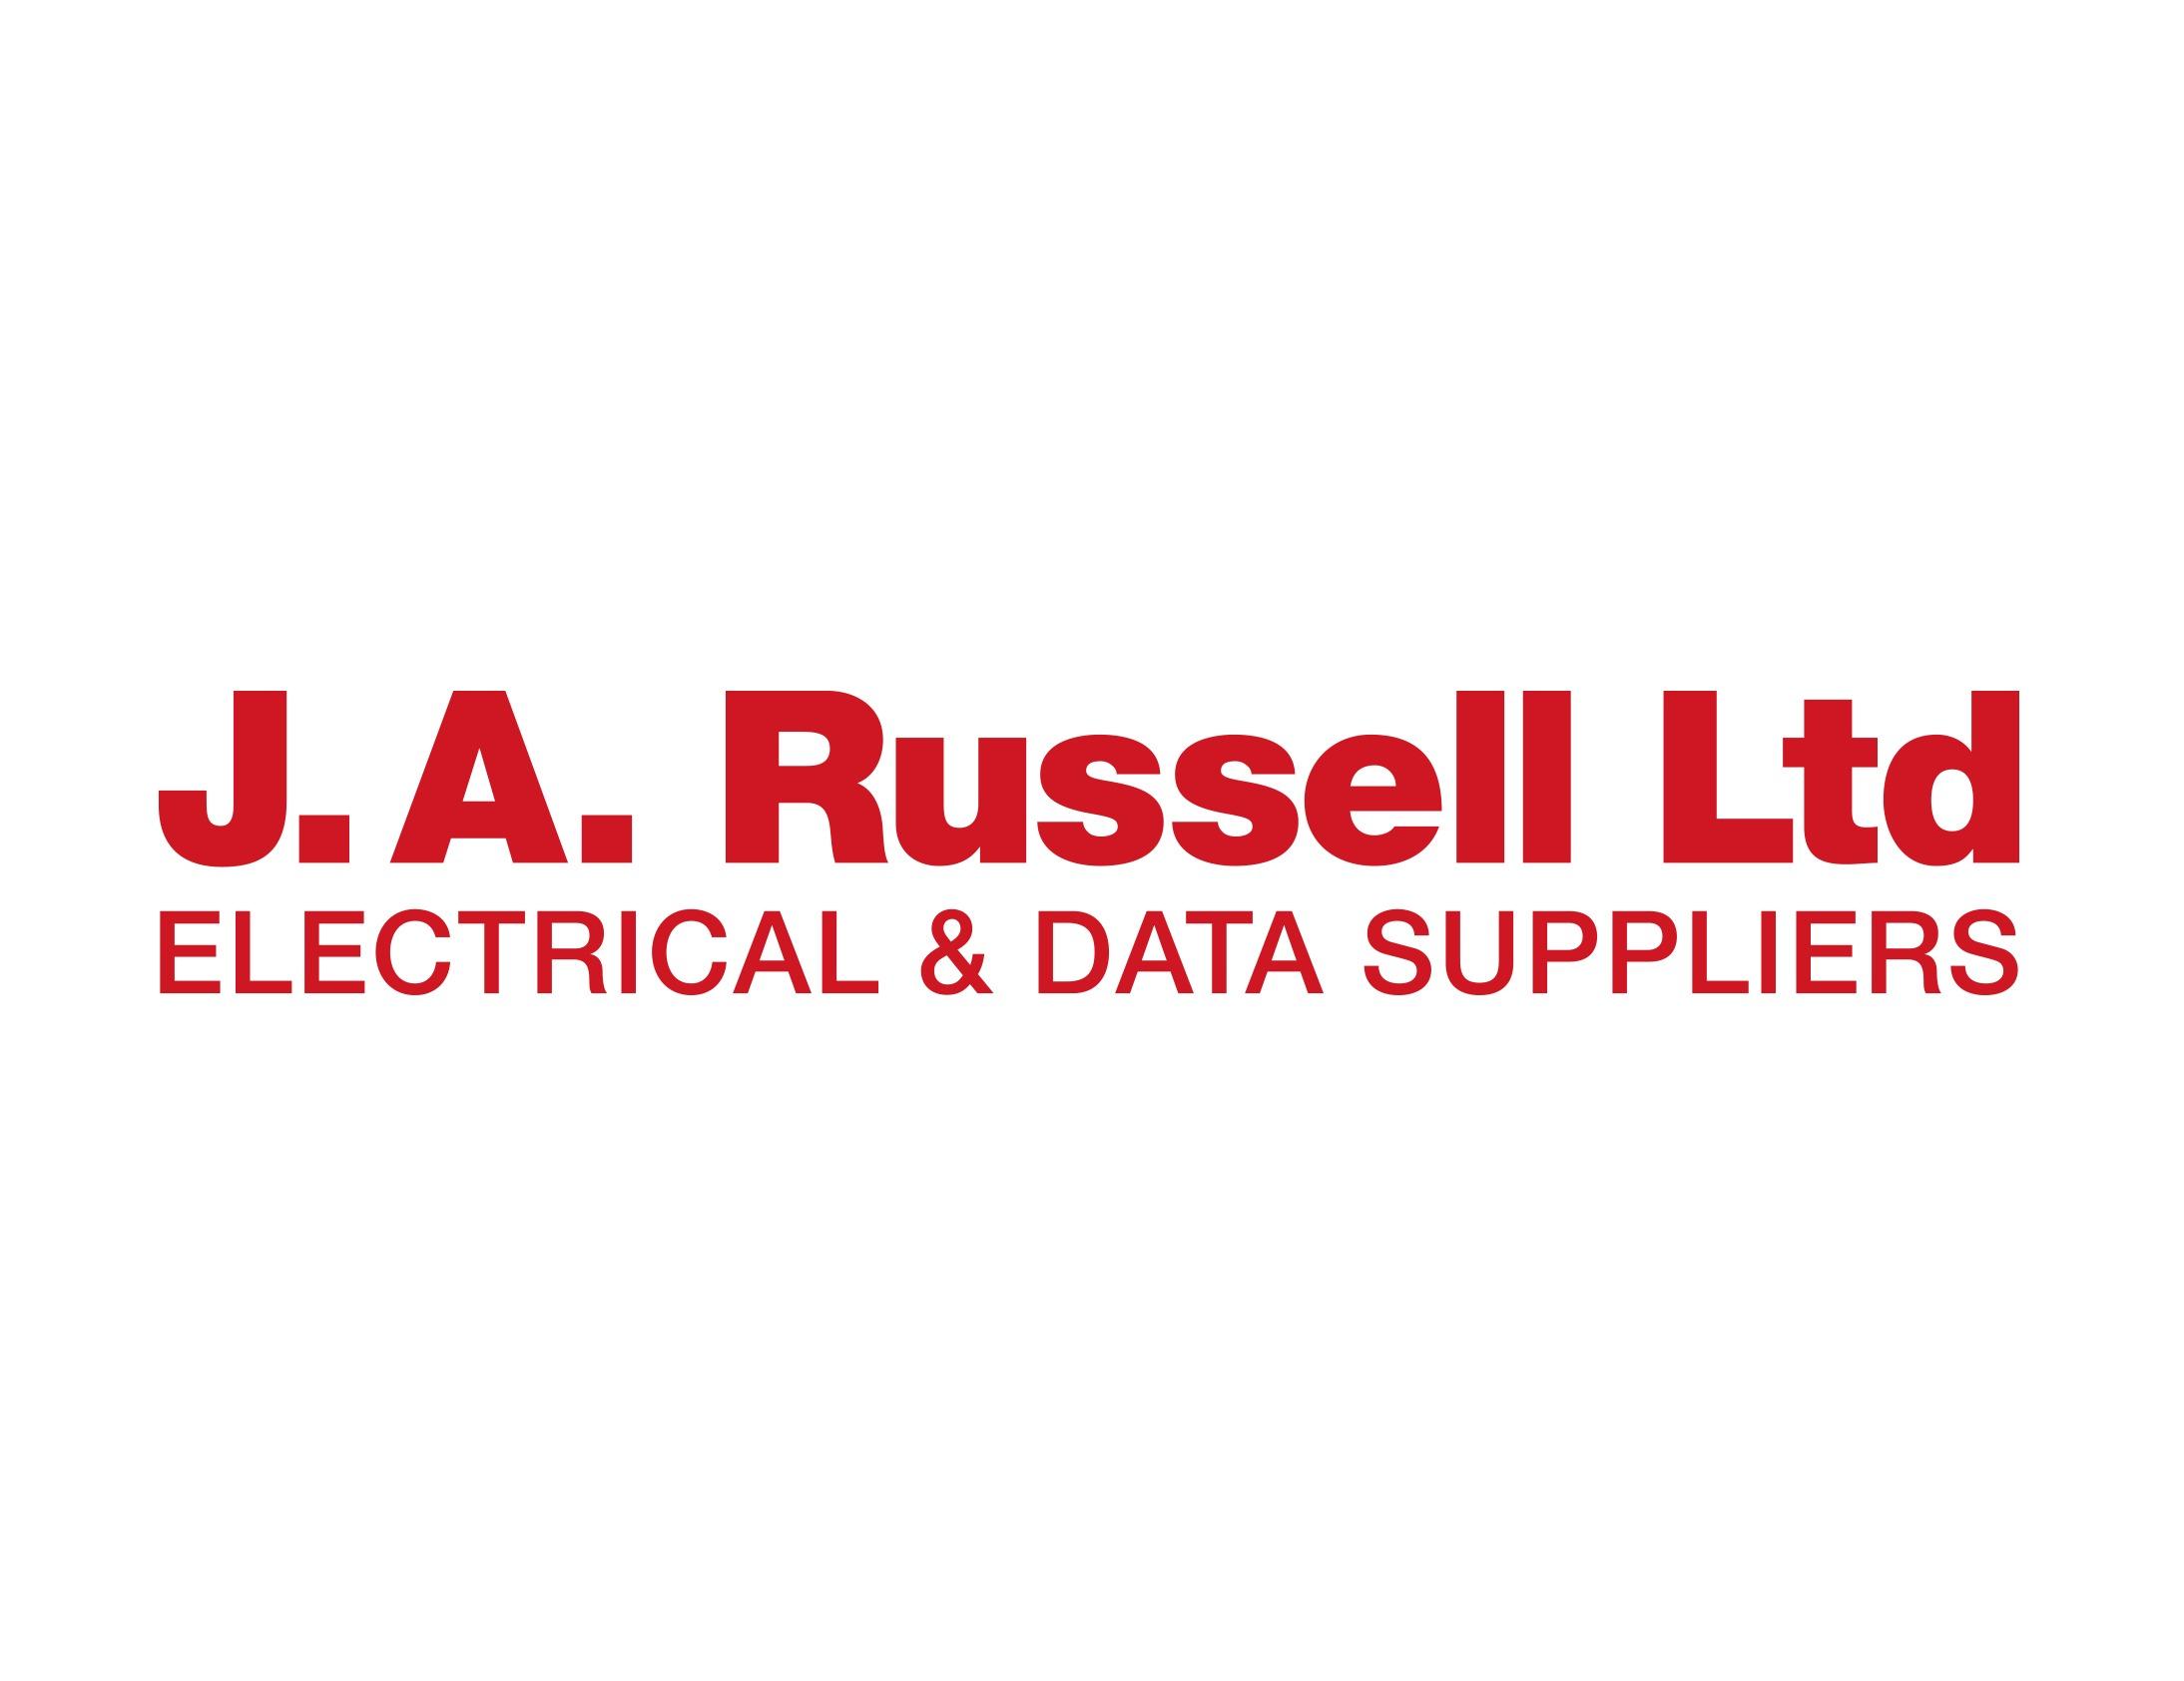 J. A. Russell Ltd